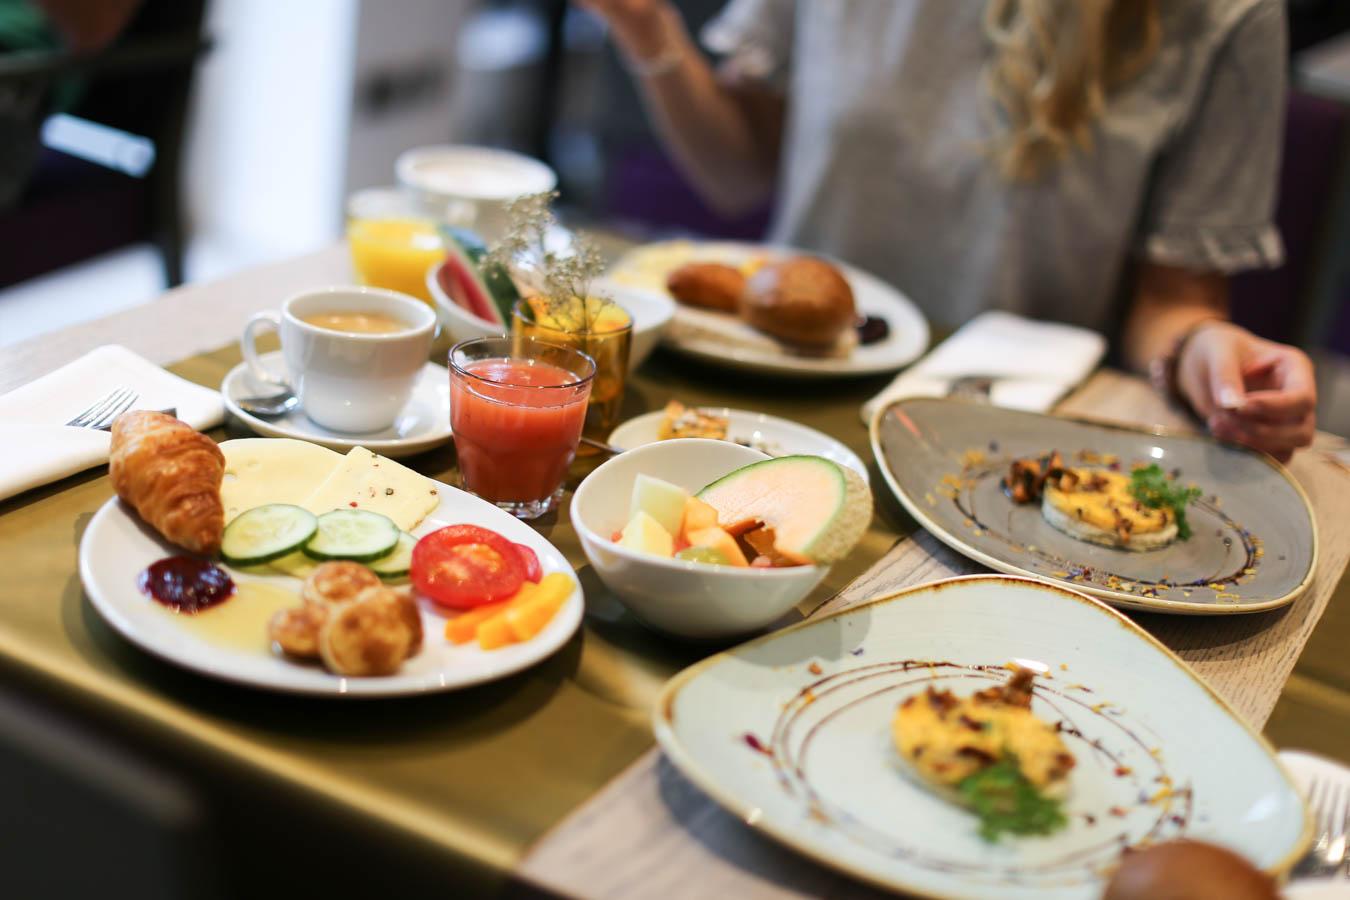 Hoteltest - regionales Frühstück Indigo Hotel